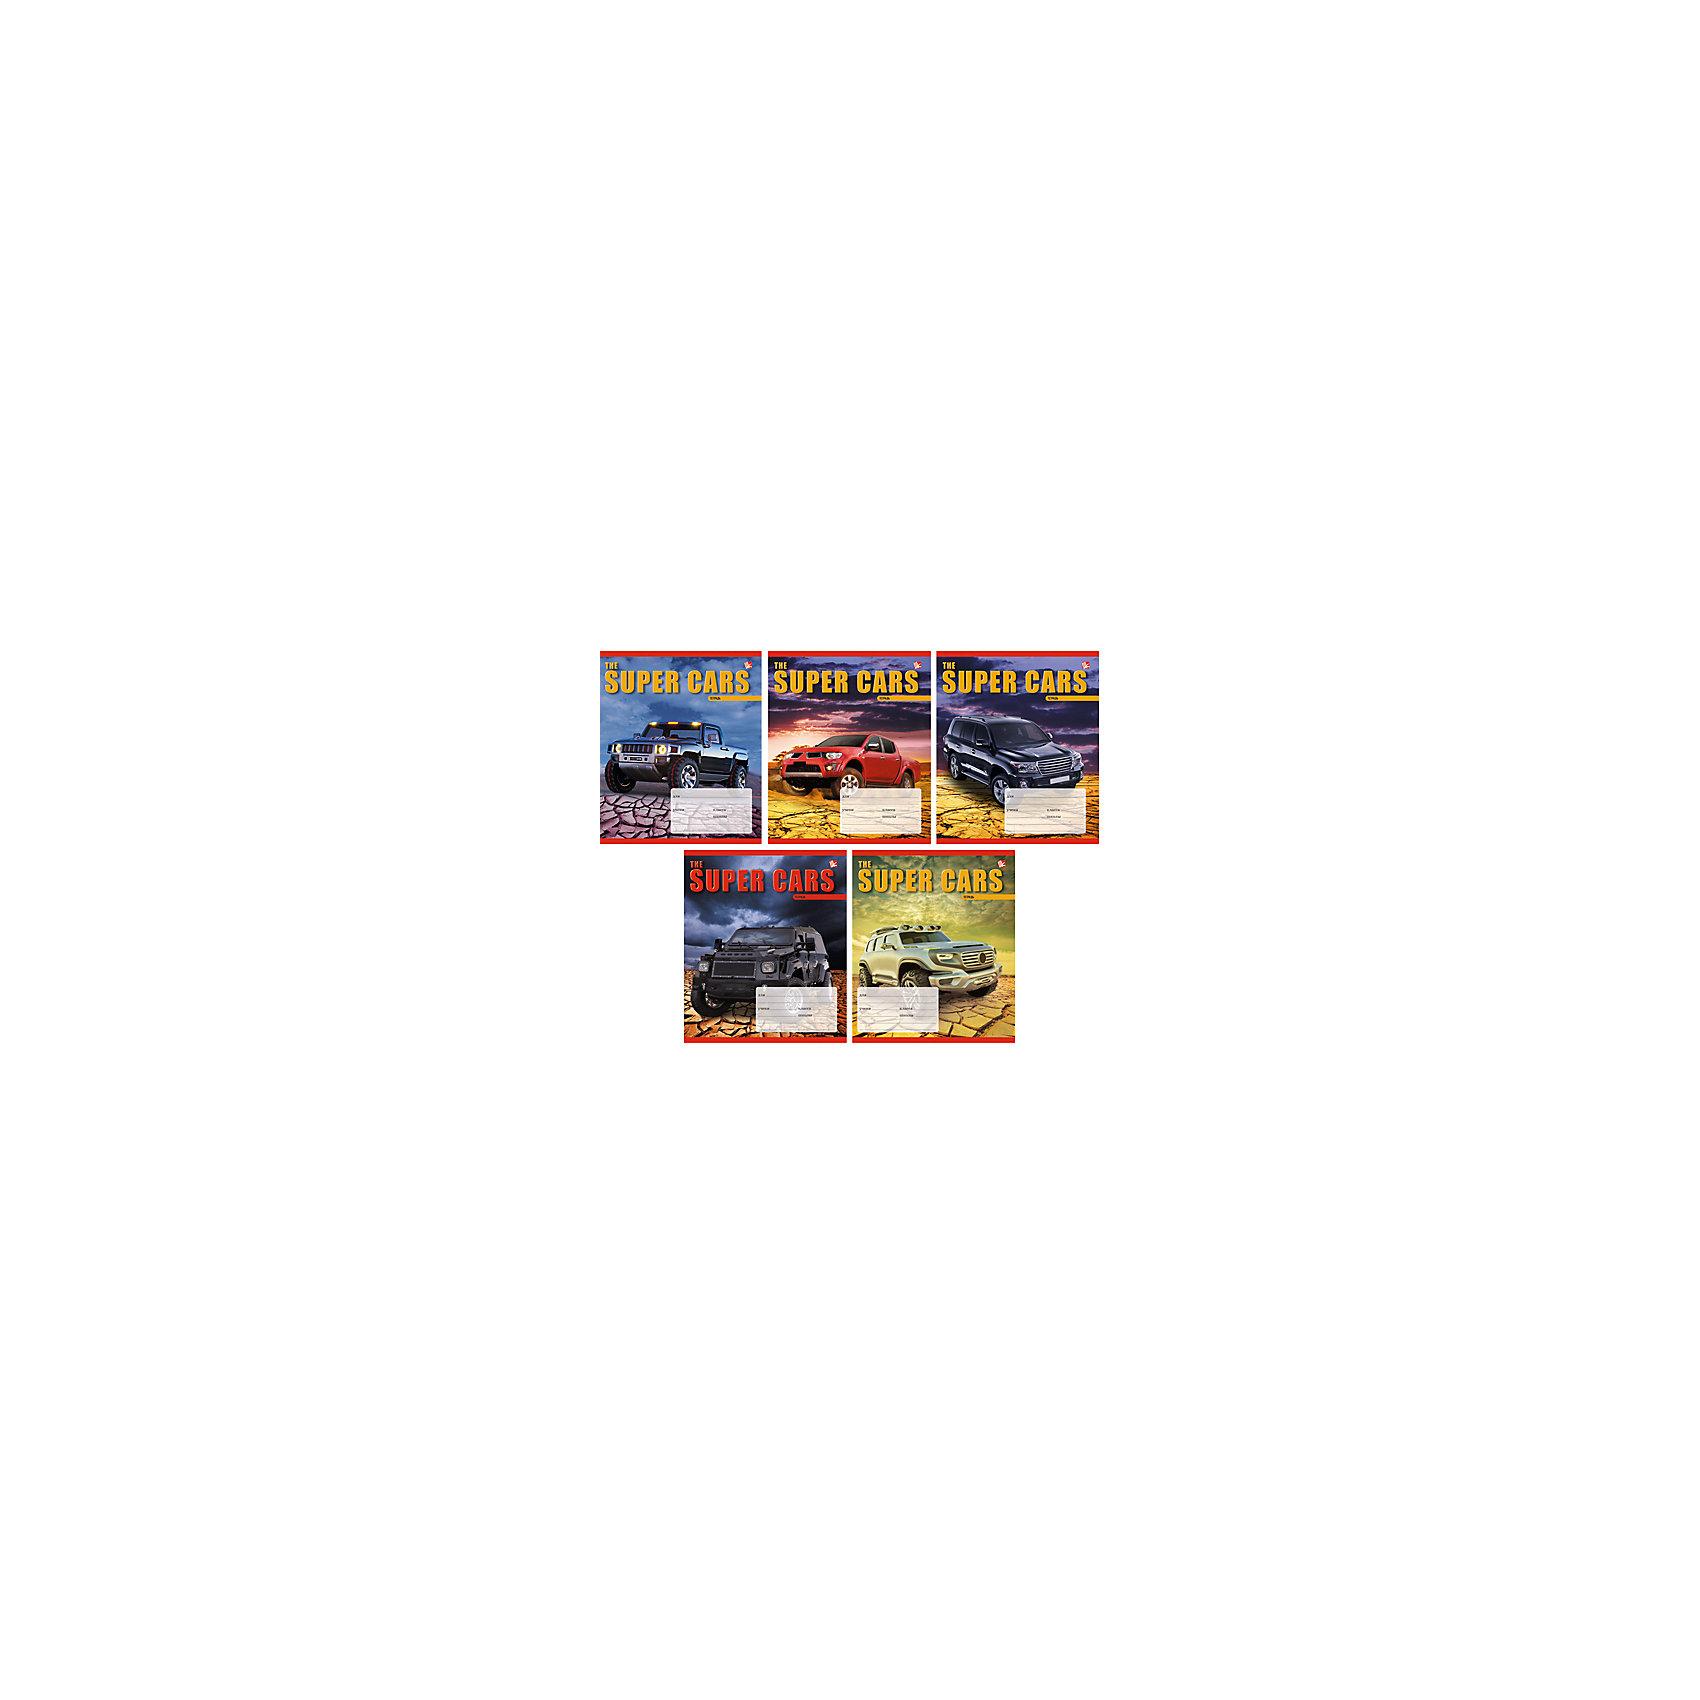 Тетрадь в клетку Суперавтомобили, 12л, 5 штСуперавтомобили - замечательный набор тетрадей в клетку. В каждой тетради 12 листов, обложки с разным оформлением с самыми крутыми машинами. С такими тетрадками ребенок будет ходить в школу с удовольствием!<br><br>Дополнительная информация:<br>Обложка: мелованный картон<br>Количество листов: 12<br>Количество тетрадей: 5<br>Скрепление: скрепка<br>Бумага: офсет, плотностью 60 г/м2<br>Тетради в клетку Суперавтомобили можно купить в нашем интернет-магазине.<br><br>Ширина мм: 210<br>Глубина мм: 148<br>Высота мм: 3<br>Вес г: 39<br>Возраст от месяцев: 72<br>Возраст до месяцев: 2147483647<br>Пол: Унисекс<br>Возраст: Детский<br>SKU: 4942486